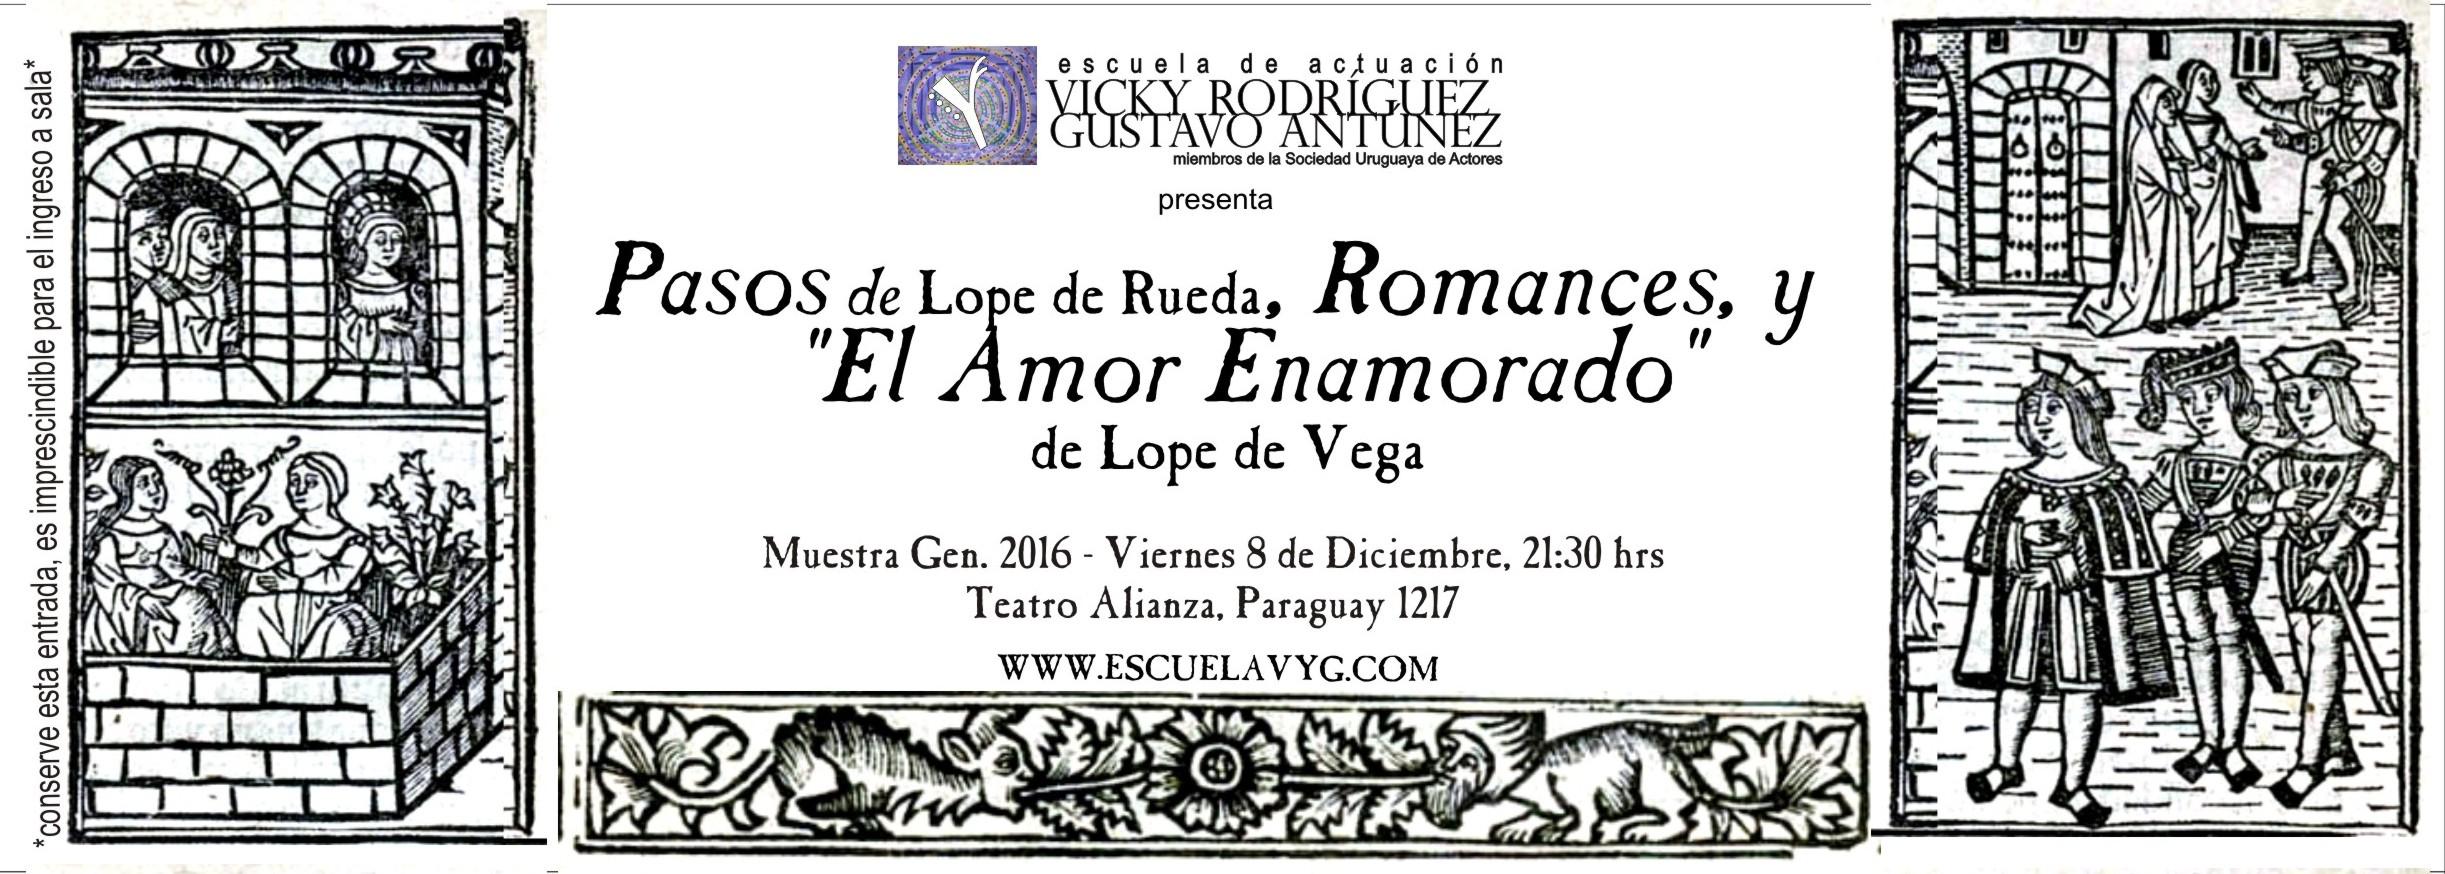 Pasos, Romances, El Amor Enamorado